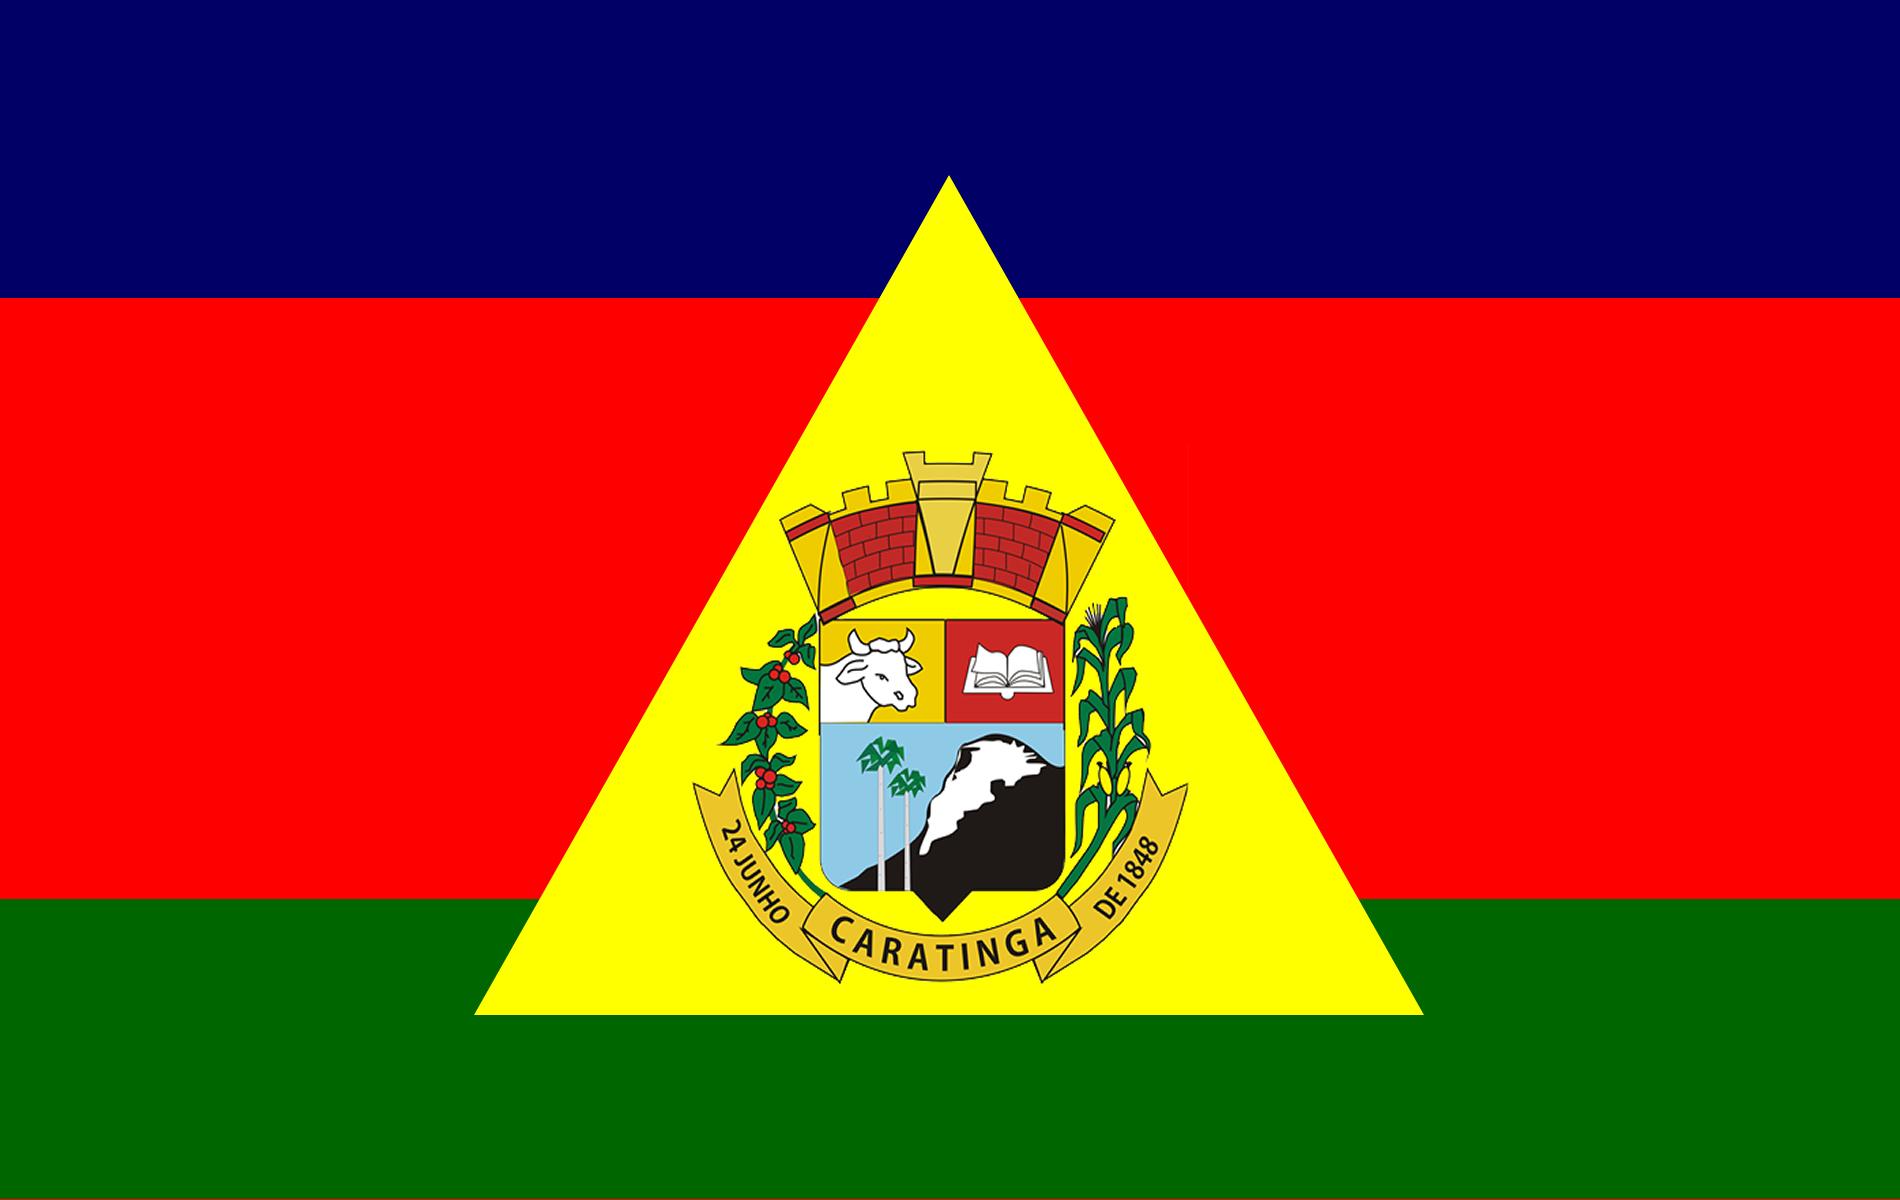 Bandera de Caratinga